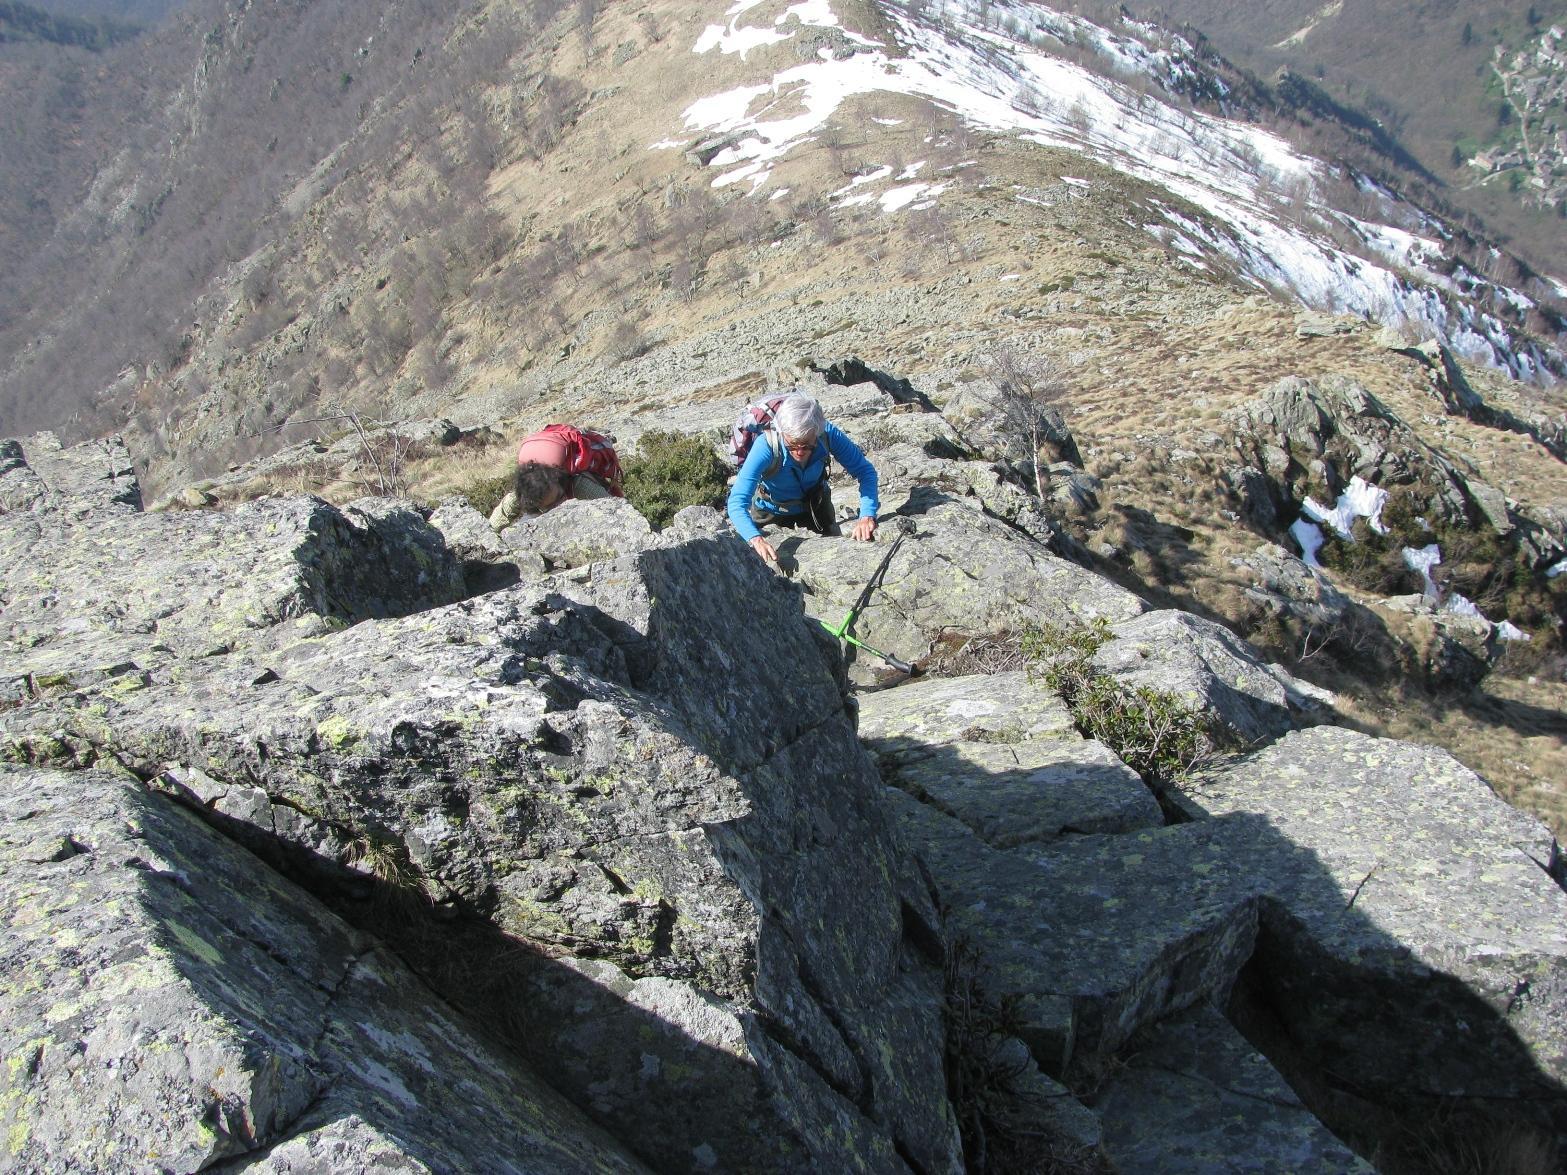 Parte finale del percorso, sulle roccette terminali della cresta